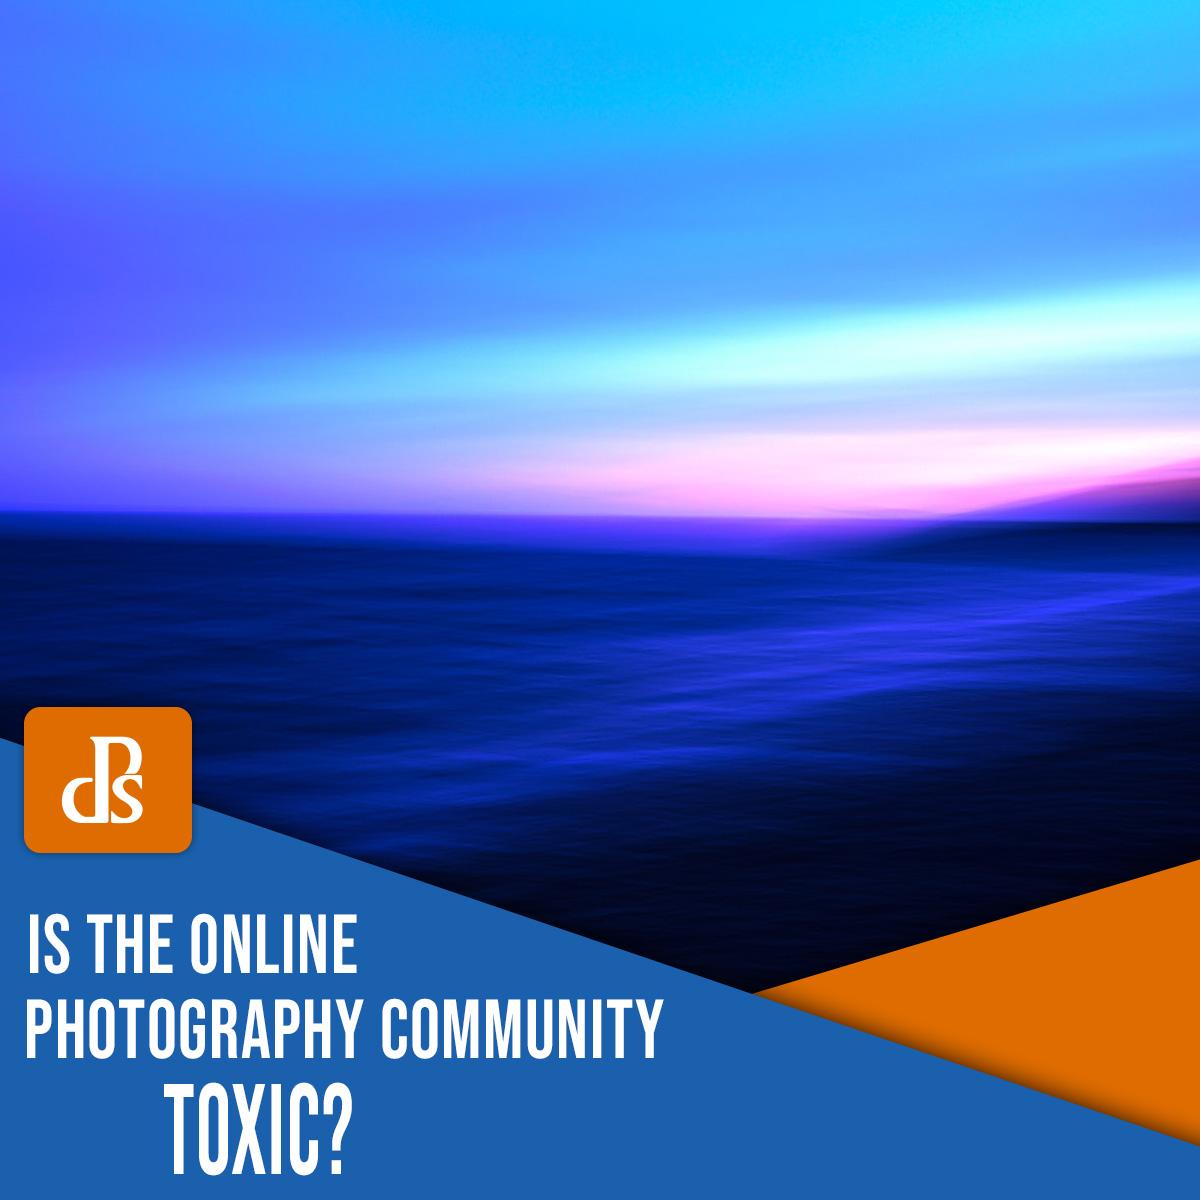 A comunidade de fotografia online é tóxica?